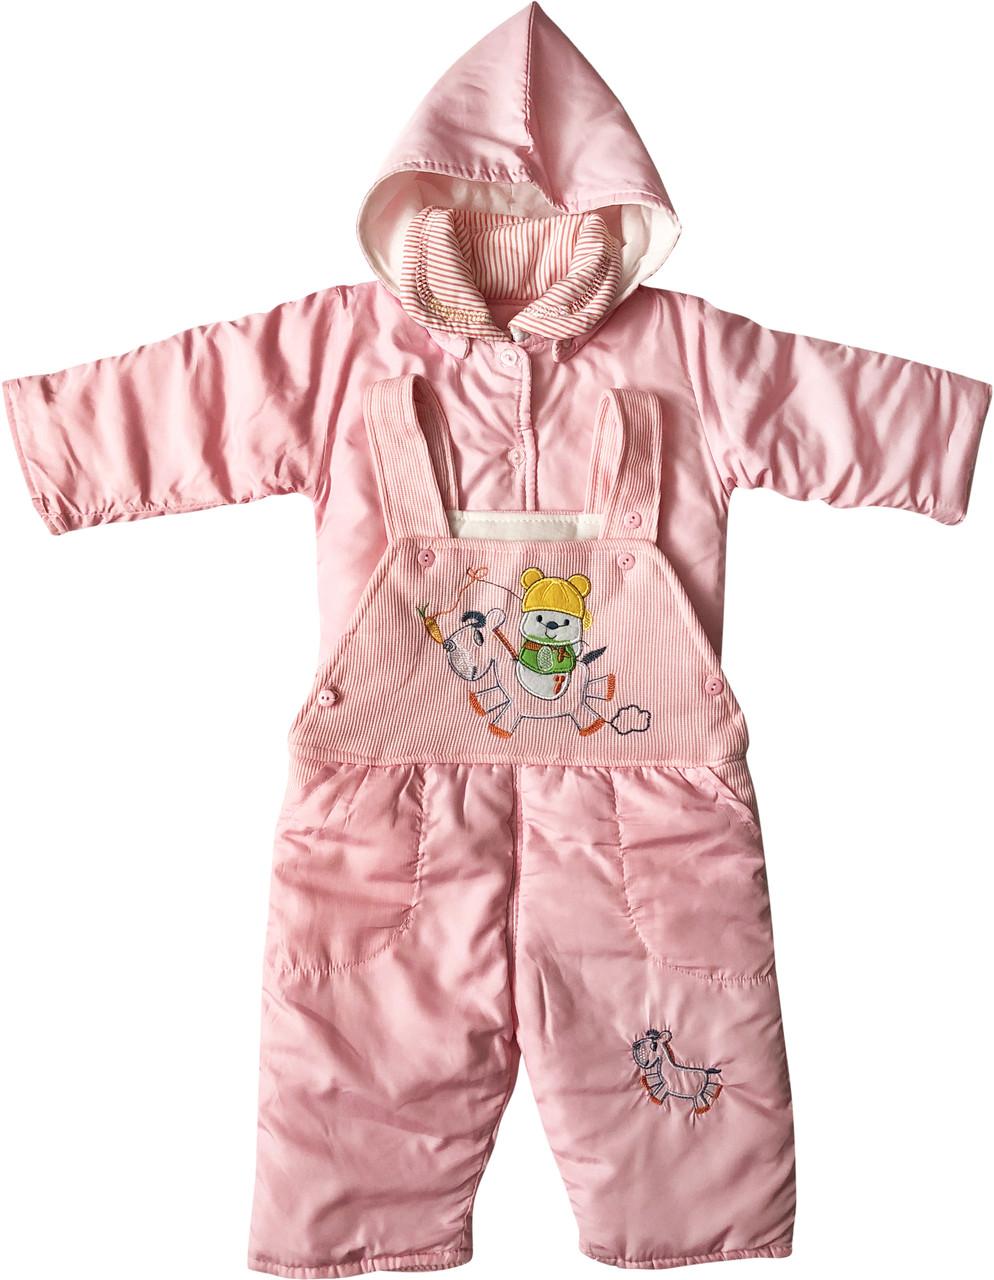 Демісезонний костюм на дівчинку ріст 68 3-6 міс для новонароджених комплект з капюшоном дитячий рожевий